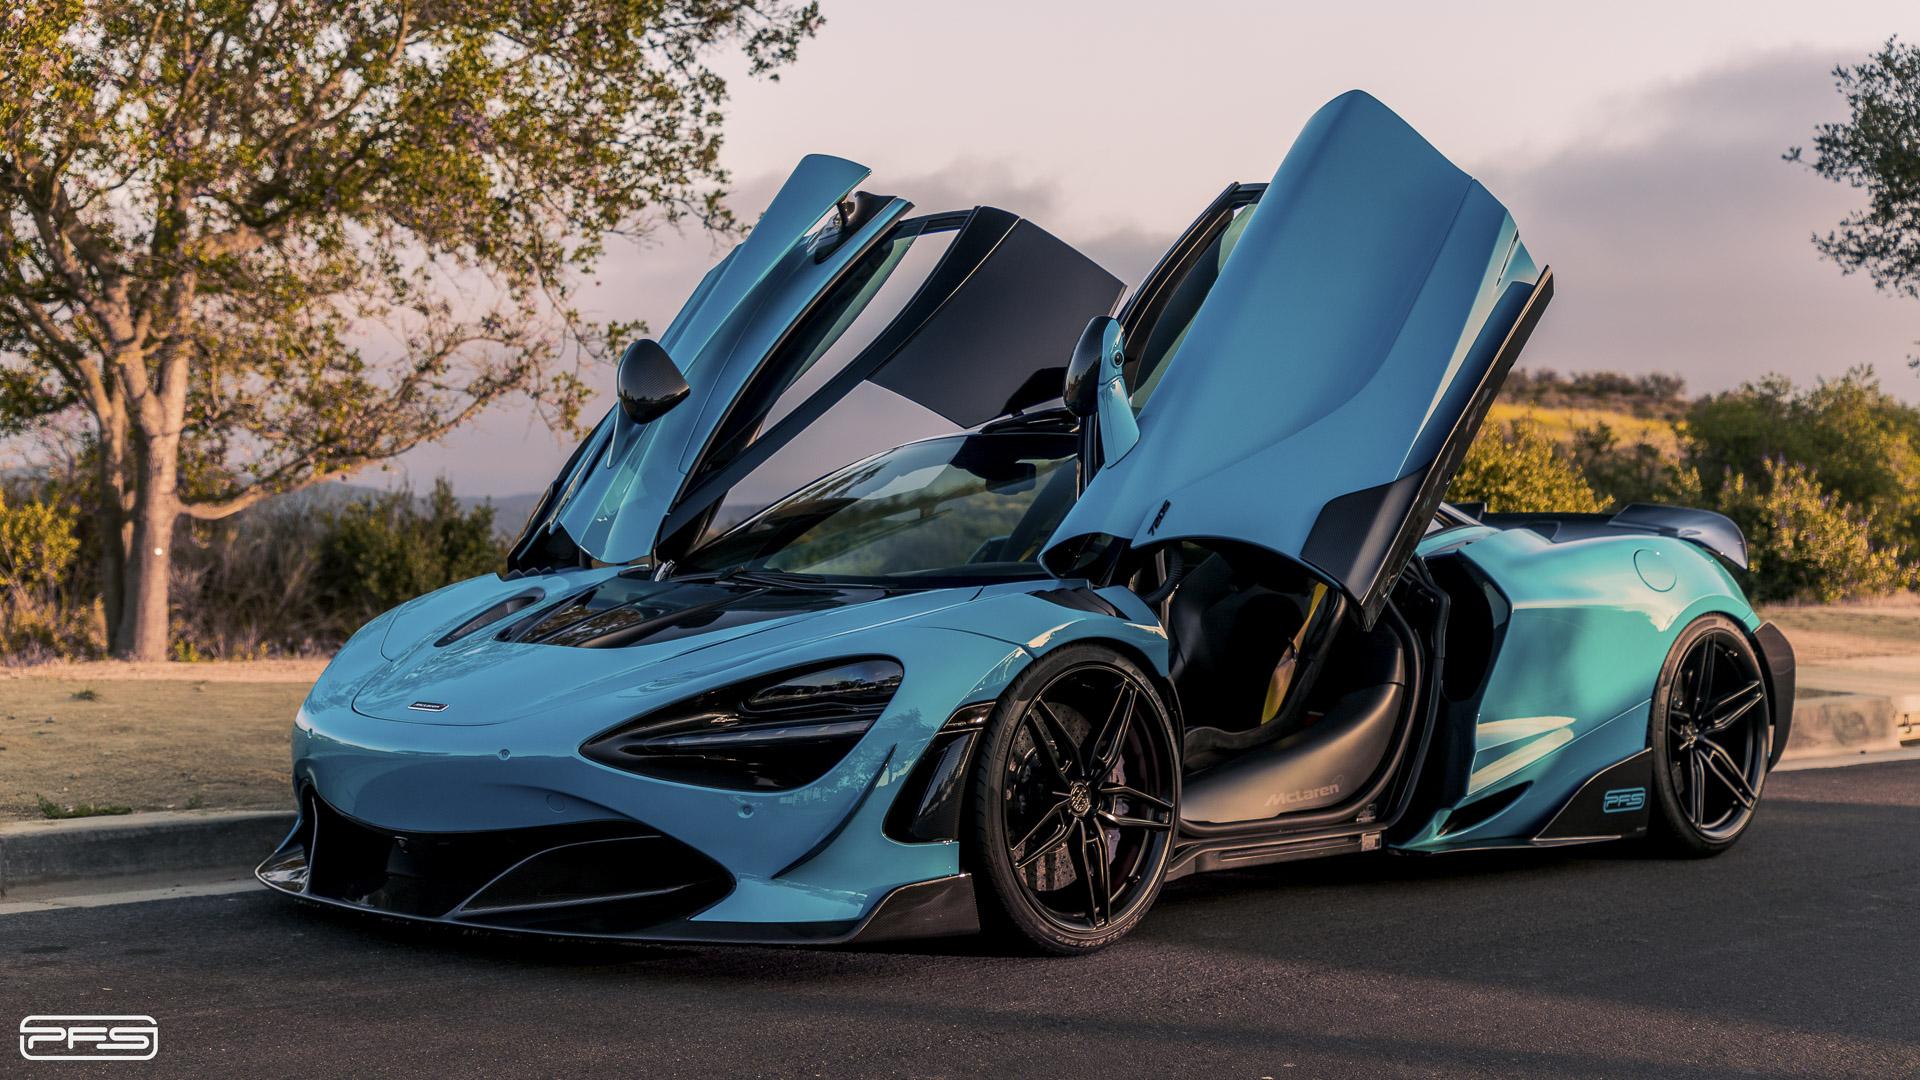 McLaren 720S Protective Film Solutions